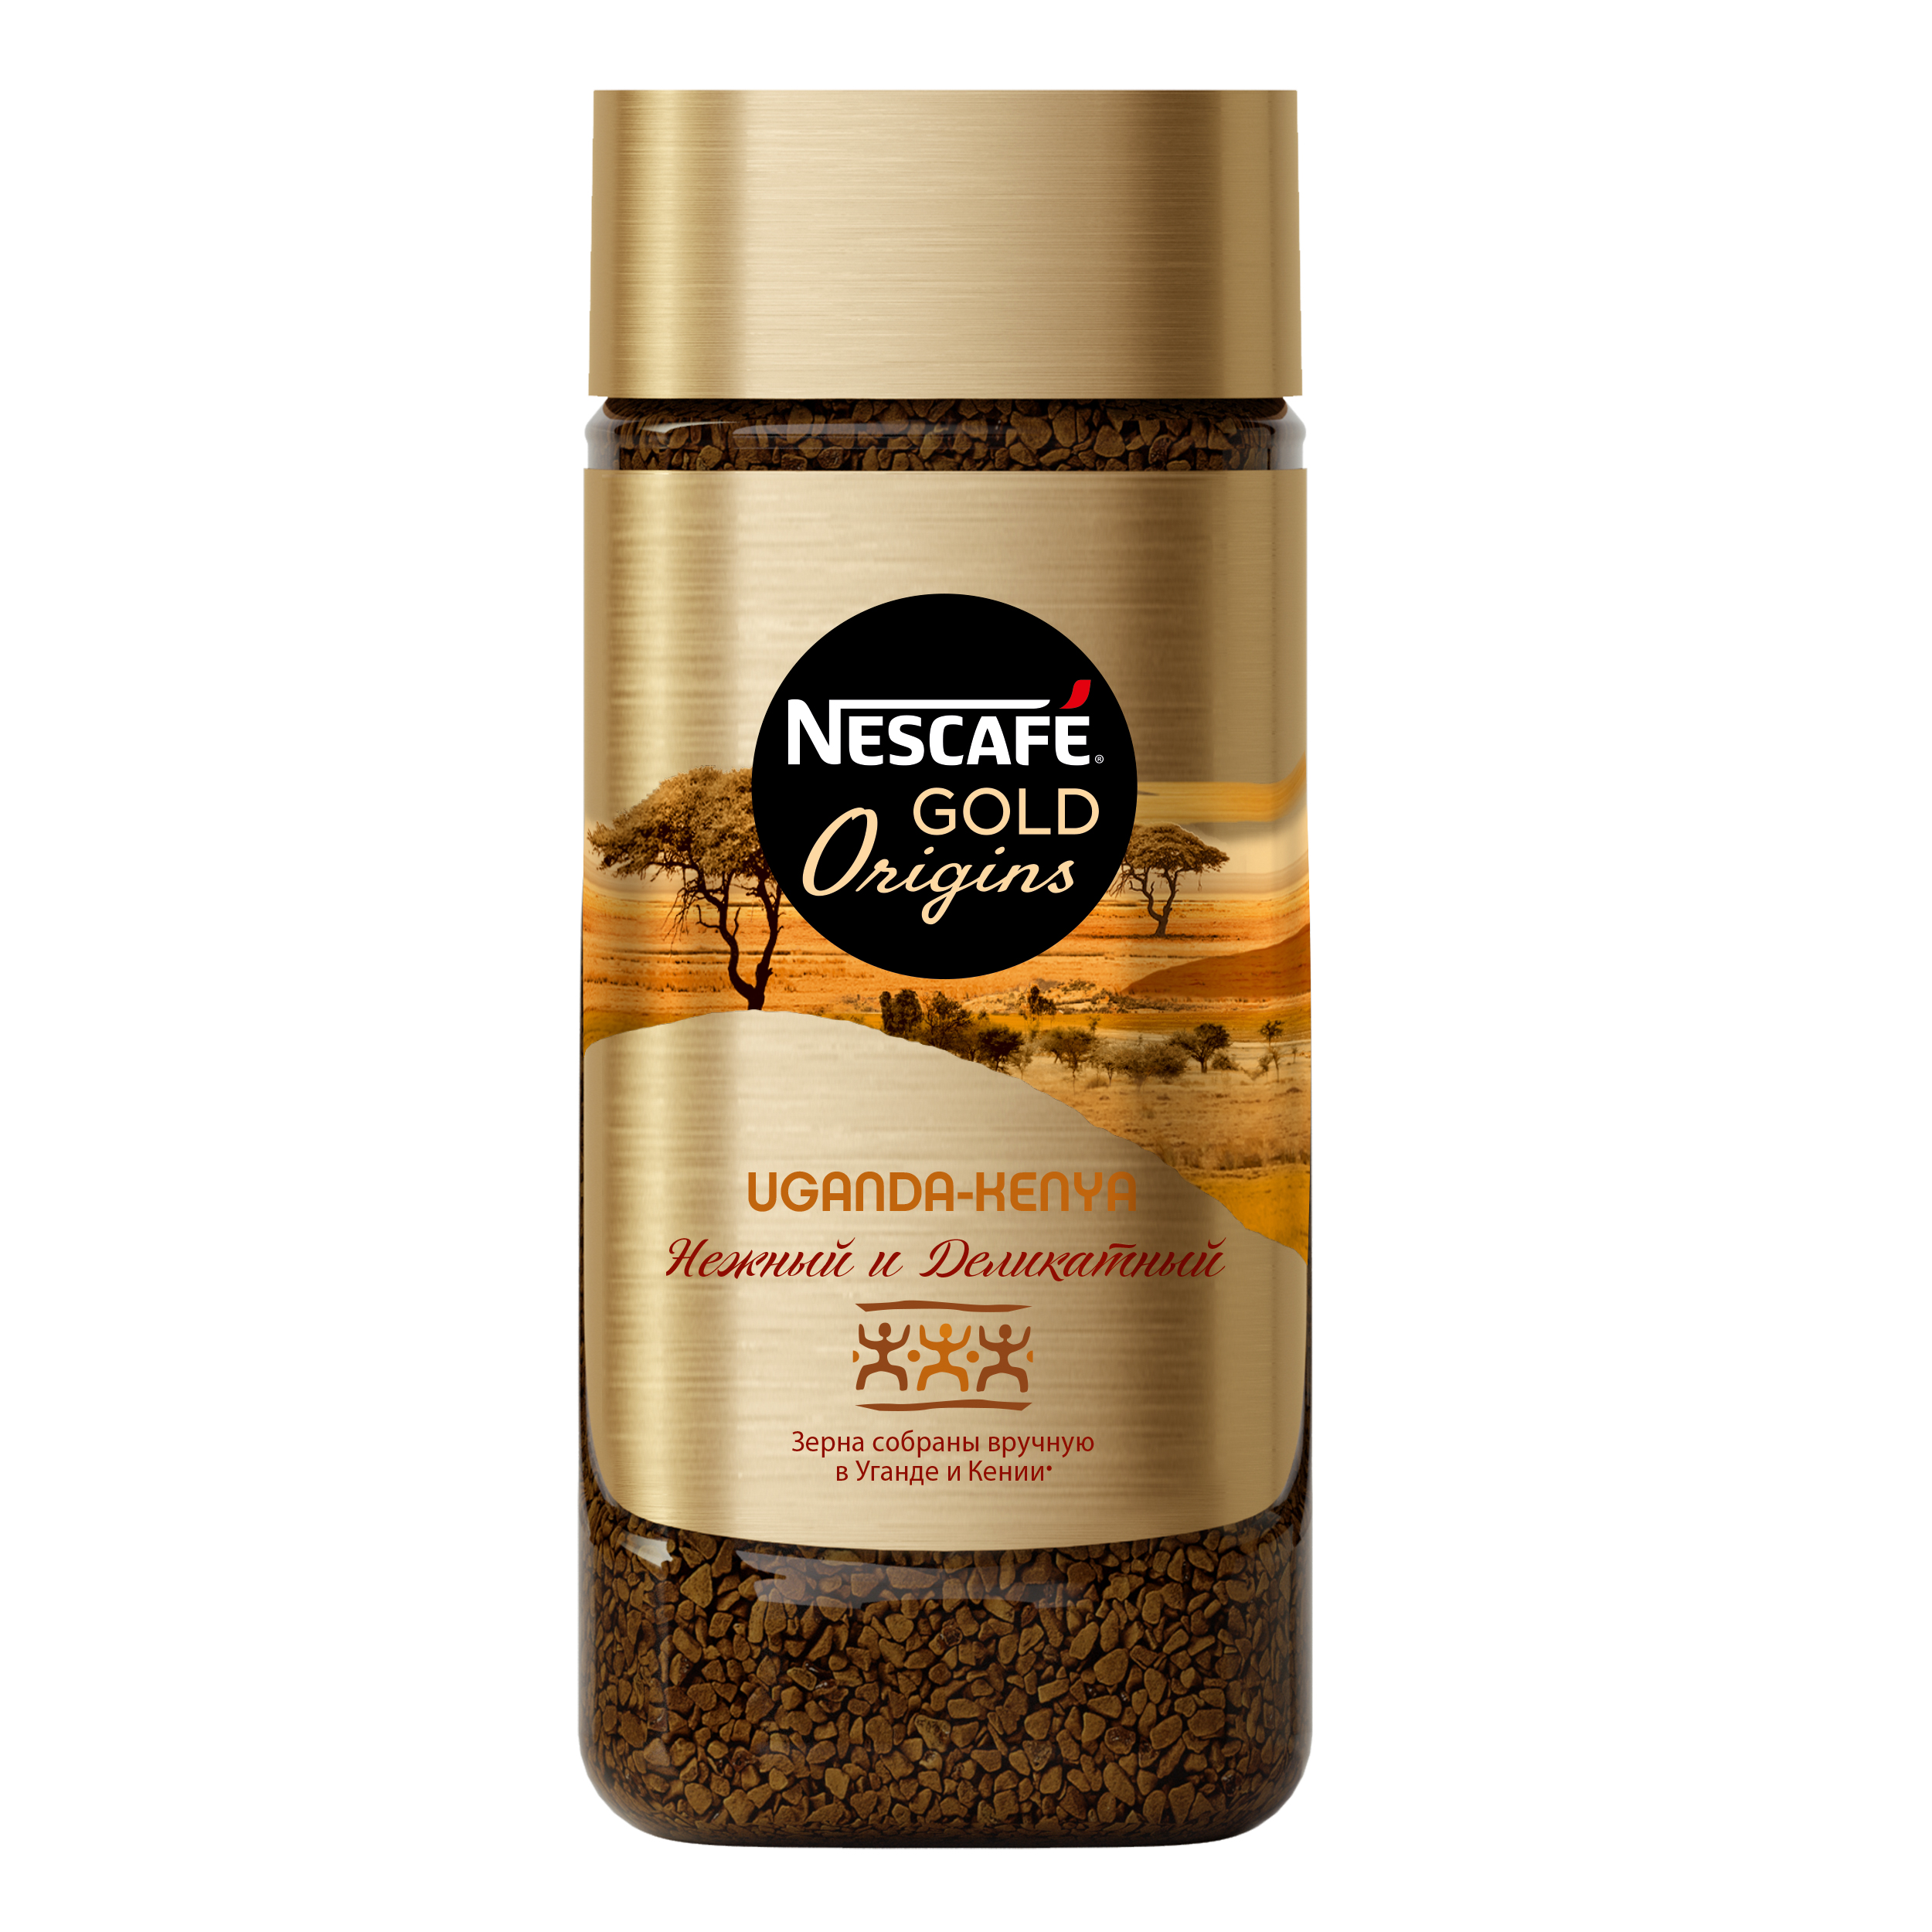 Кофе растворимый Nescafe gold origins Sumatra  Uganda-Kenya стеклянная банка 85 г